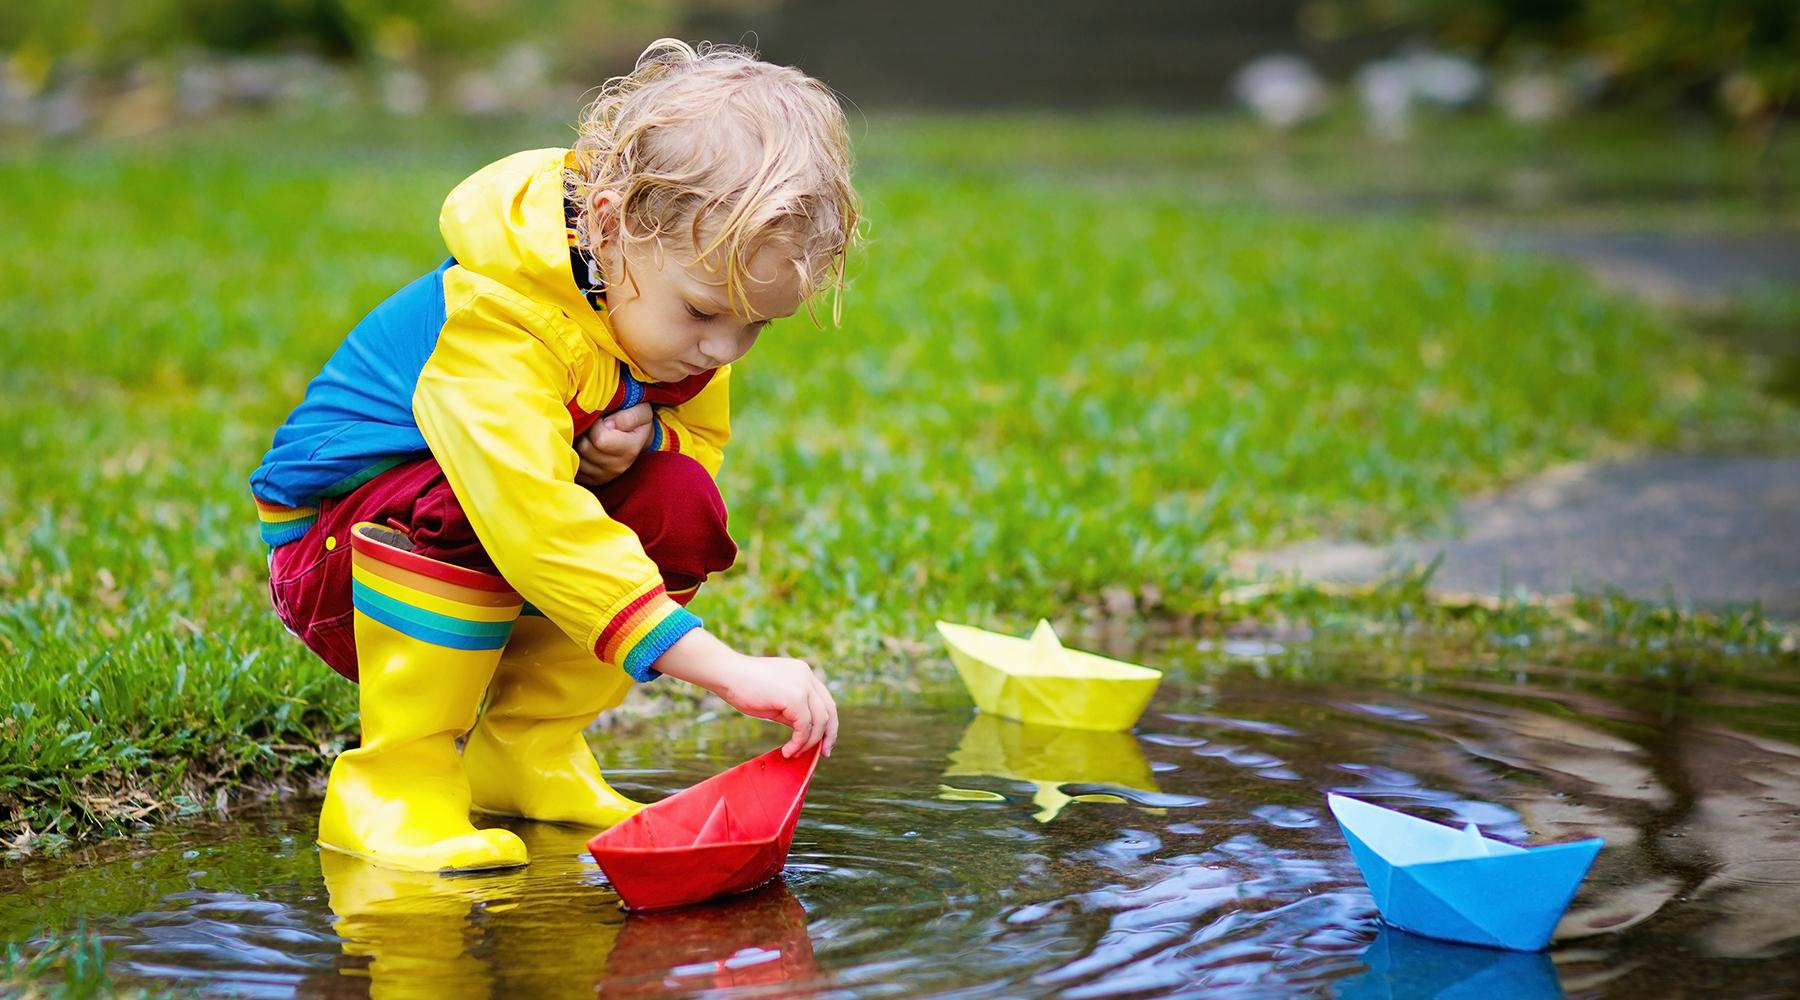 Frühlingsaktivitäten an Regentagen